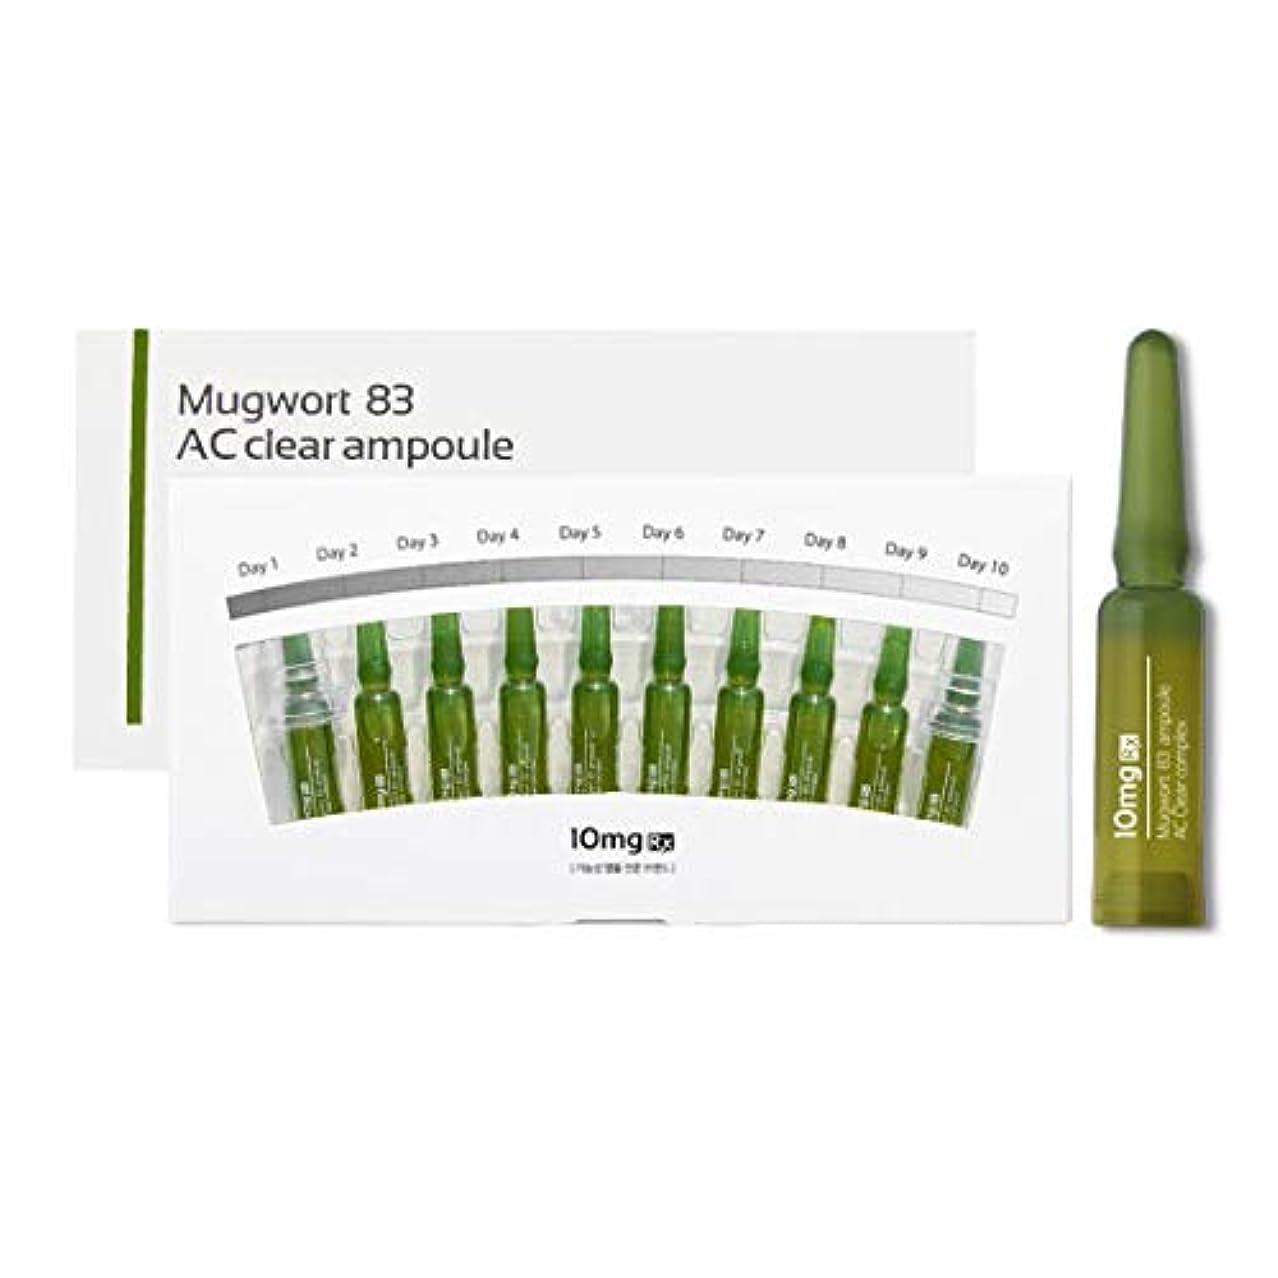 AIDA 10mgRx マグワート83 ACクリアアンプル 2mlx10ea (皮脂コントロール、傷みにくい)/ Mugwort 83 AC Clear Ampoule